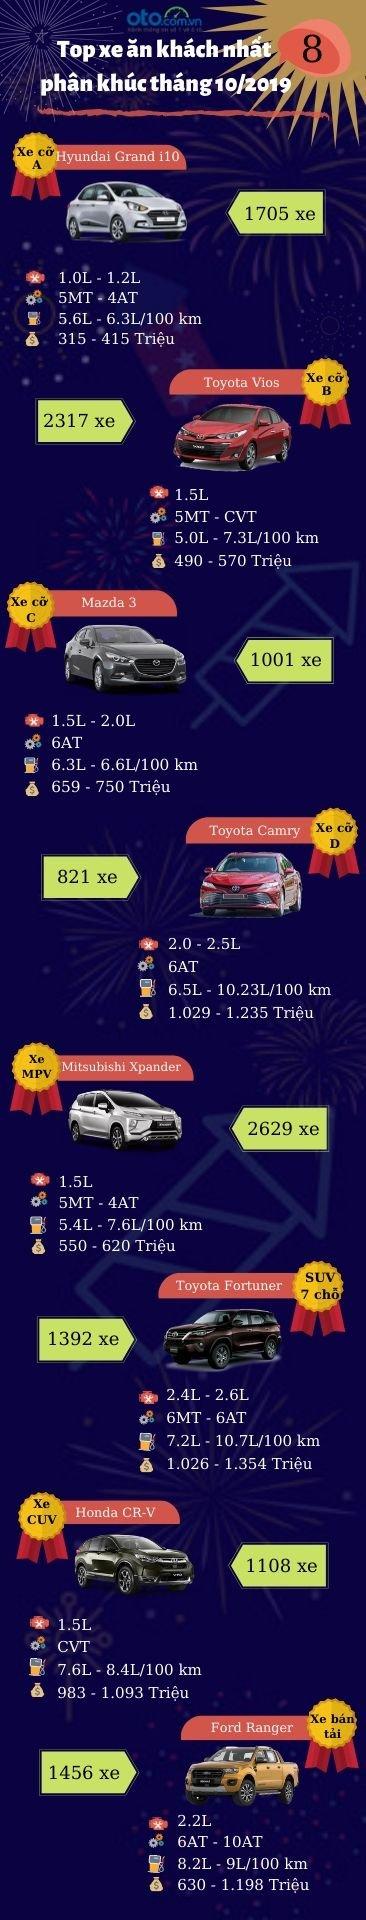 Nhìn nhanh các mẫu xe đứng đầu 8 phân khúc tại Việt Nam tháng 10/2019.